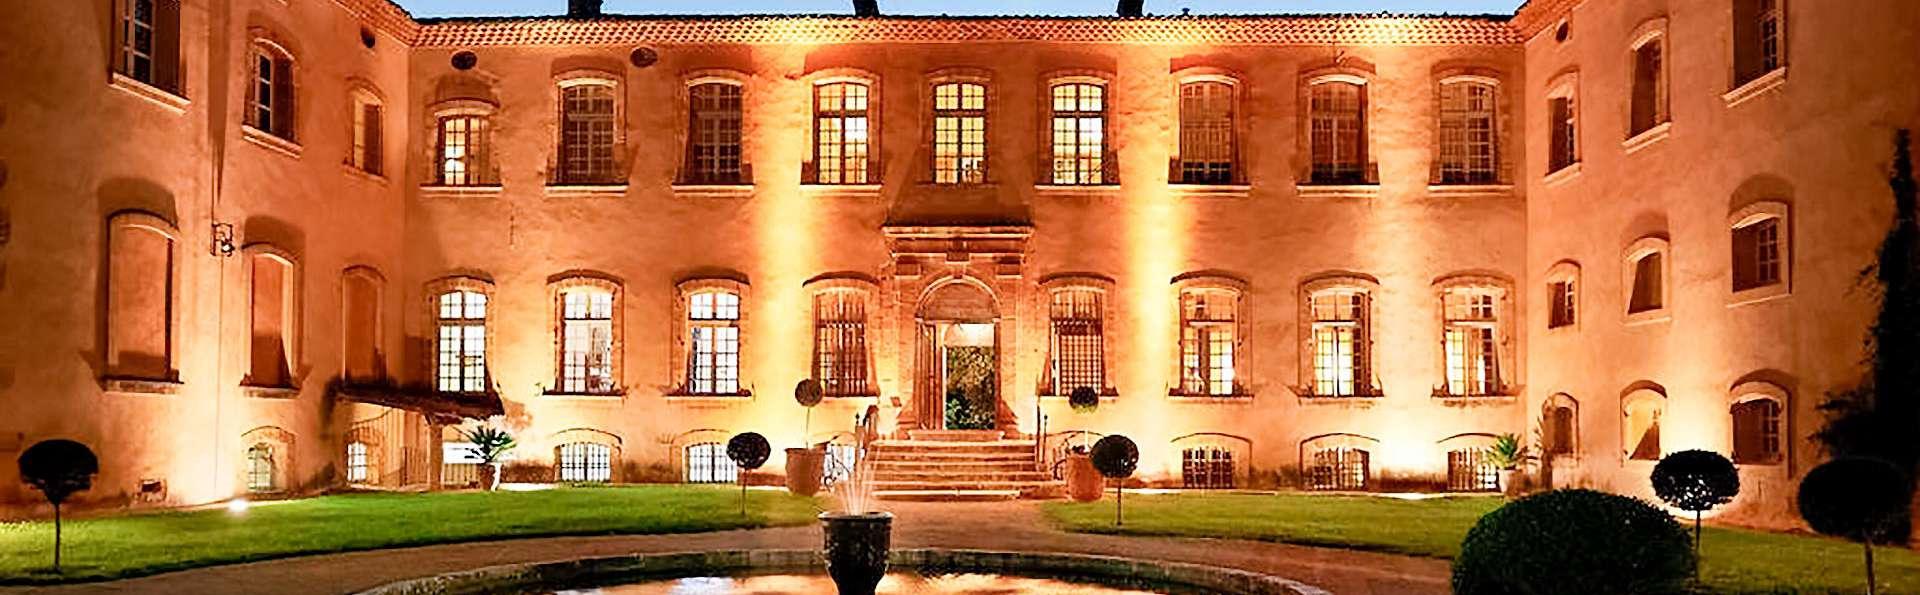 Chateau de la Pioline - EDIT_FRONT_02.jpg